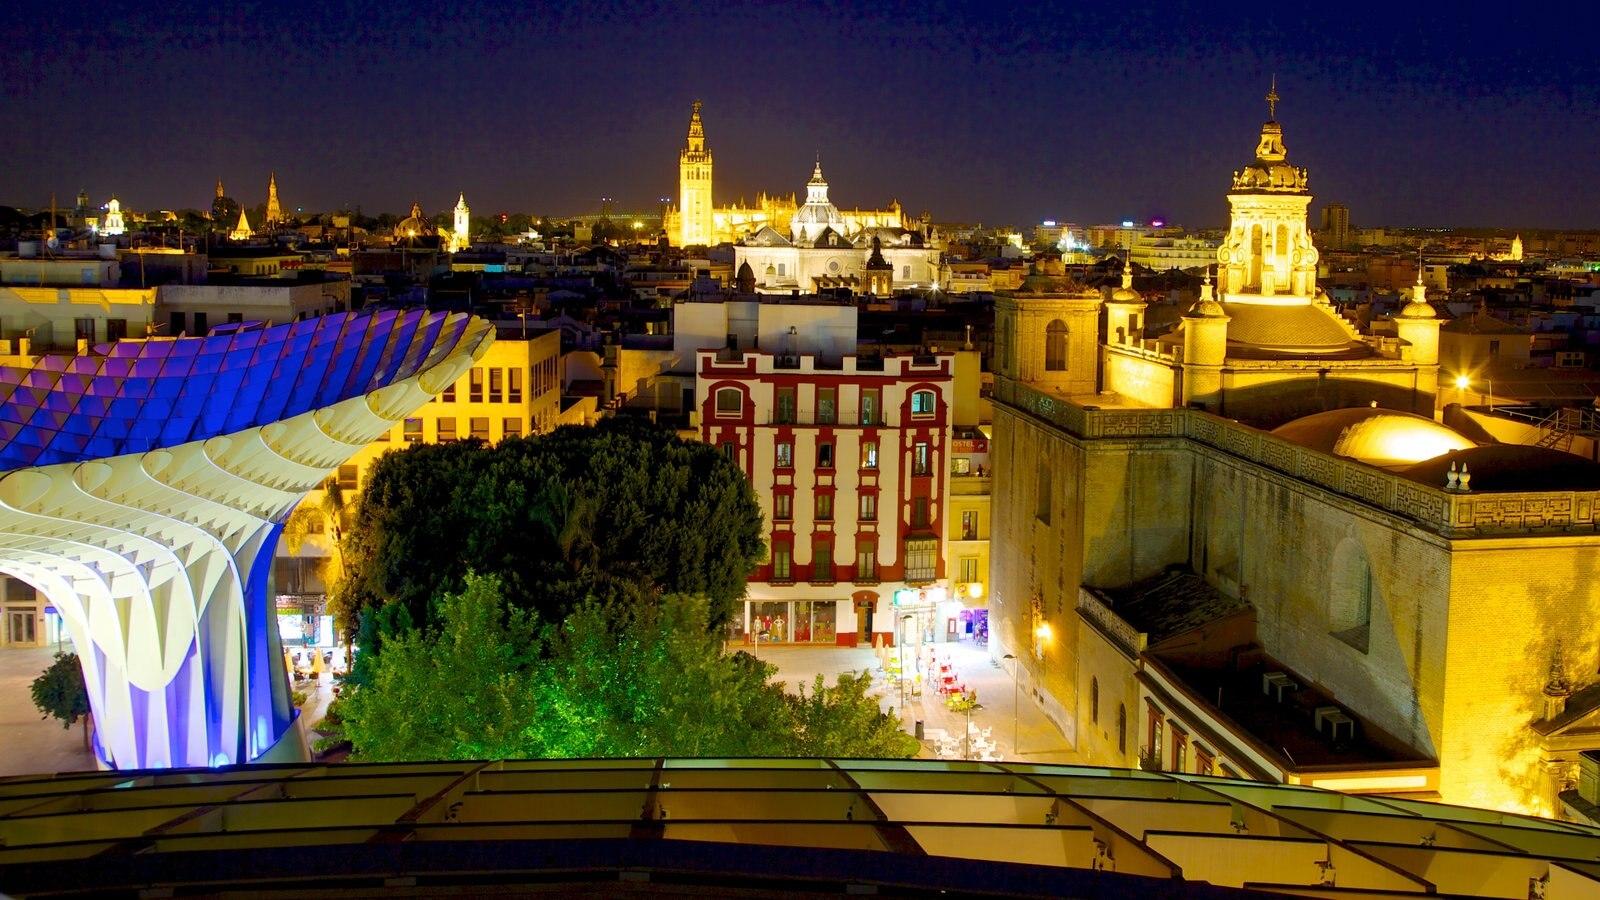 Metropol Parasol ofreciendo arquitectura moderna, escenas nocturnas y horizonte